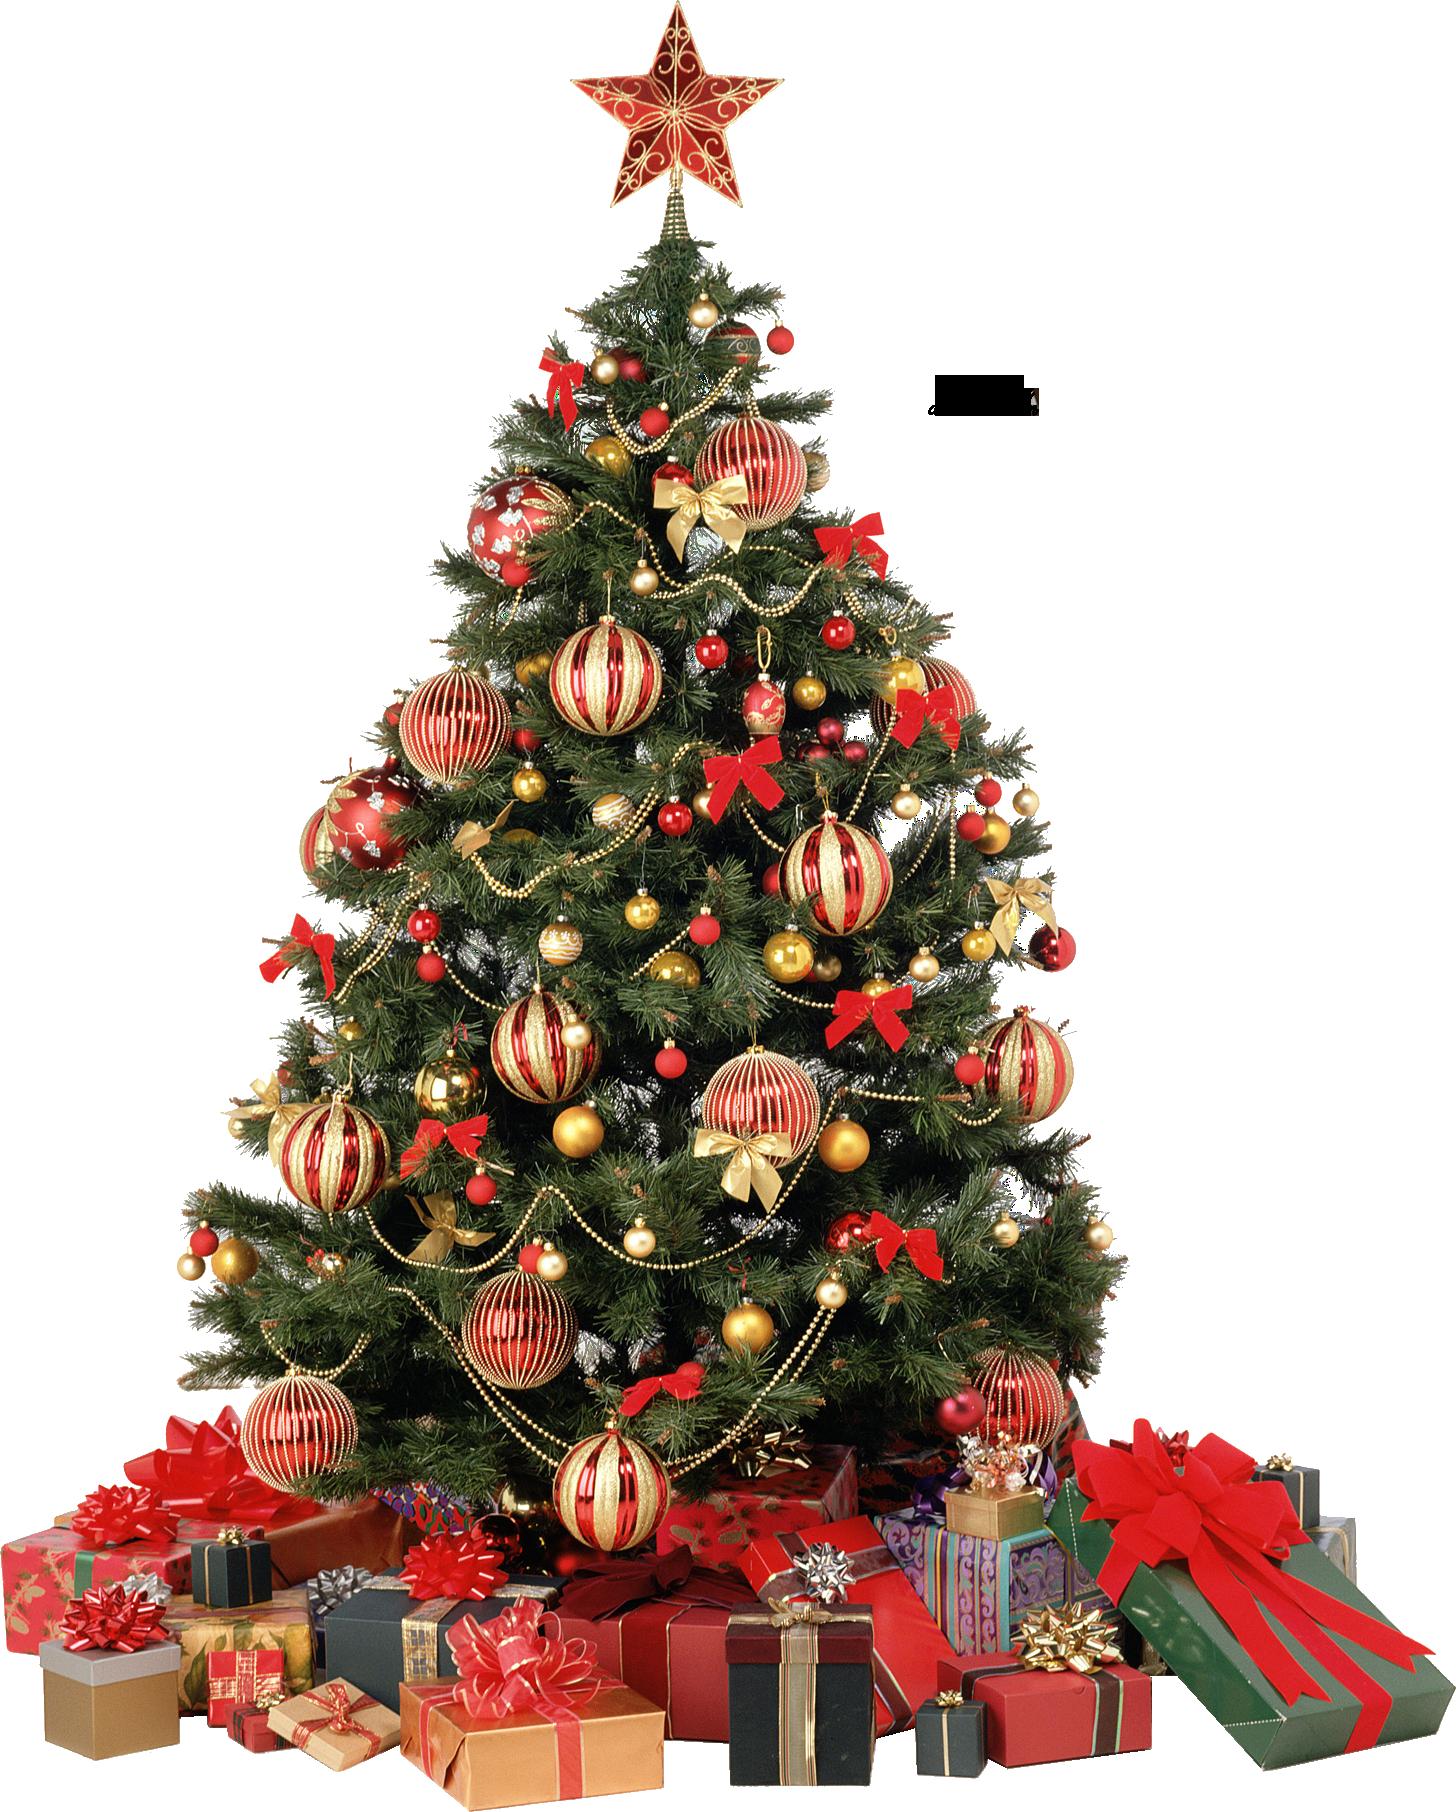 PNG File Name: Christmas Tree